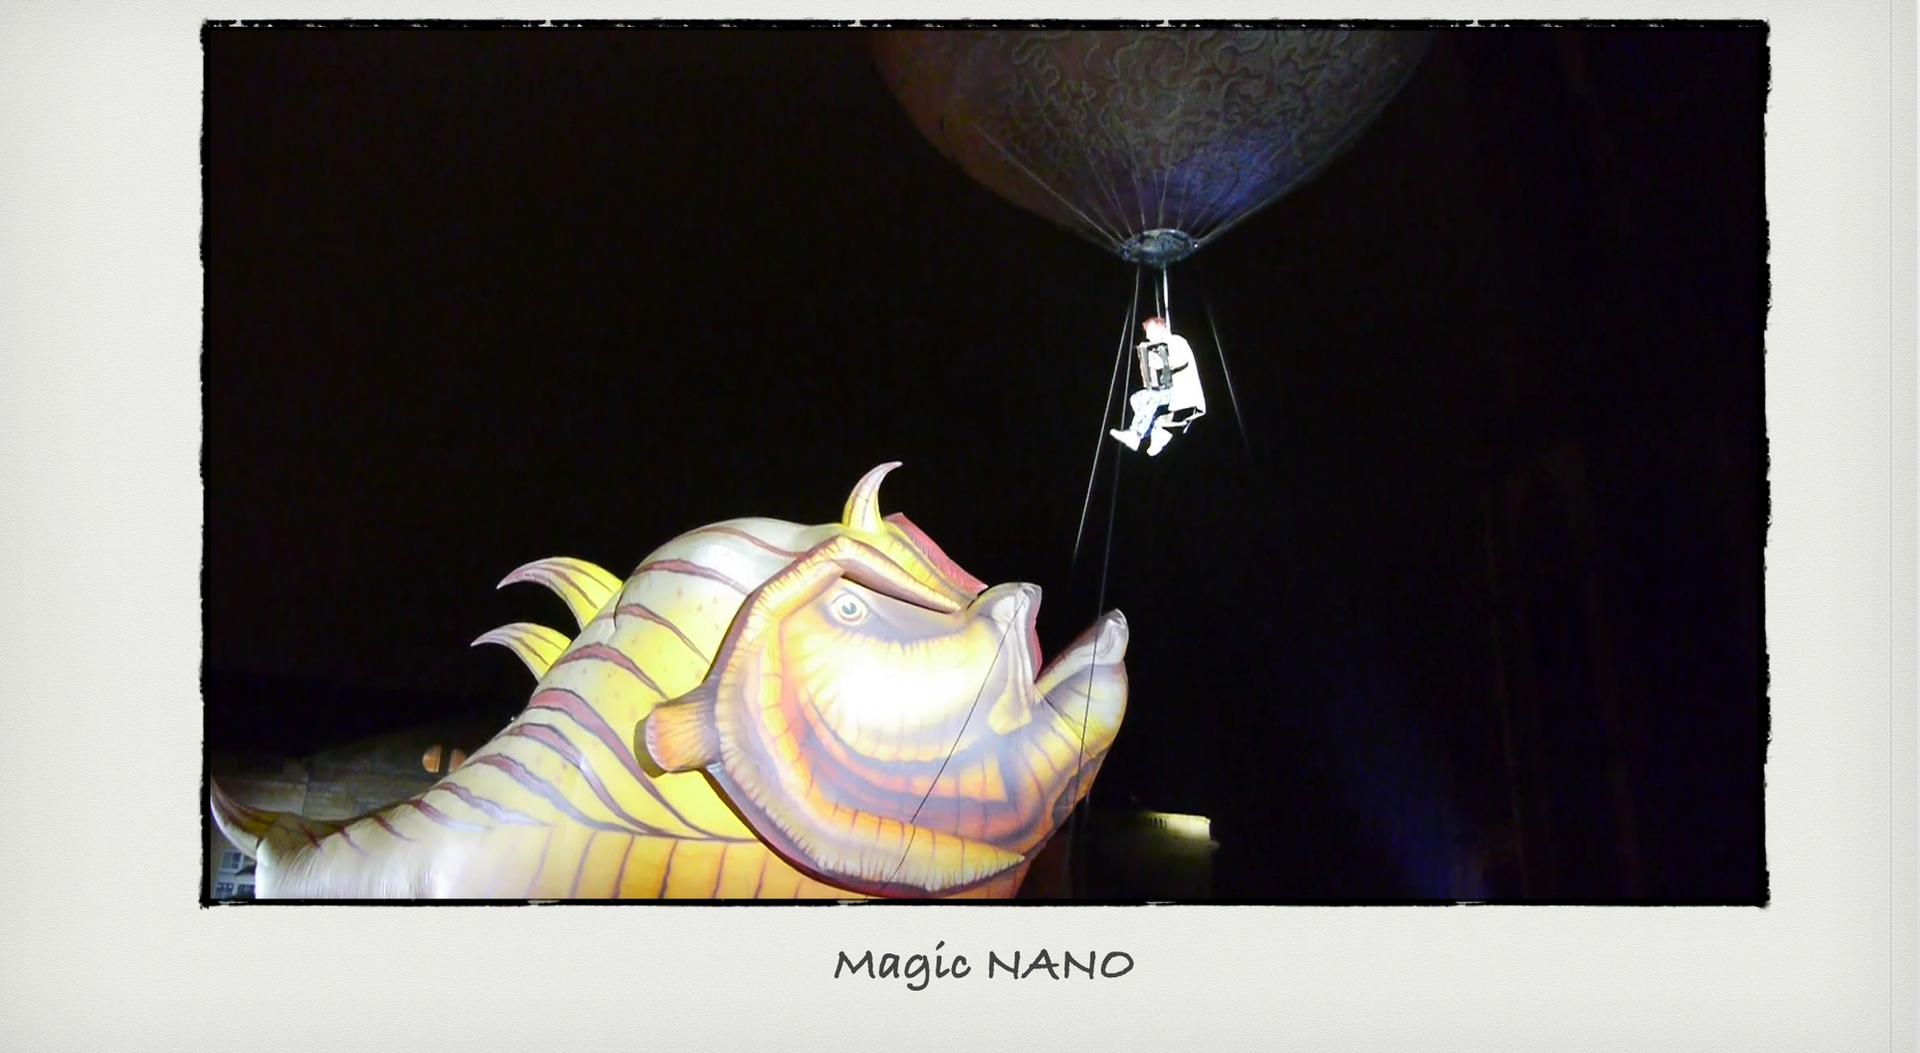 Magic NANO